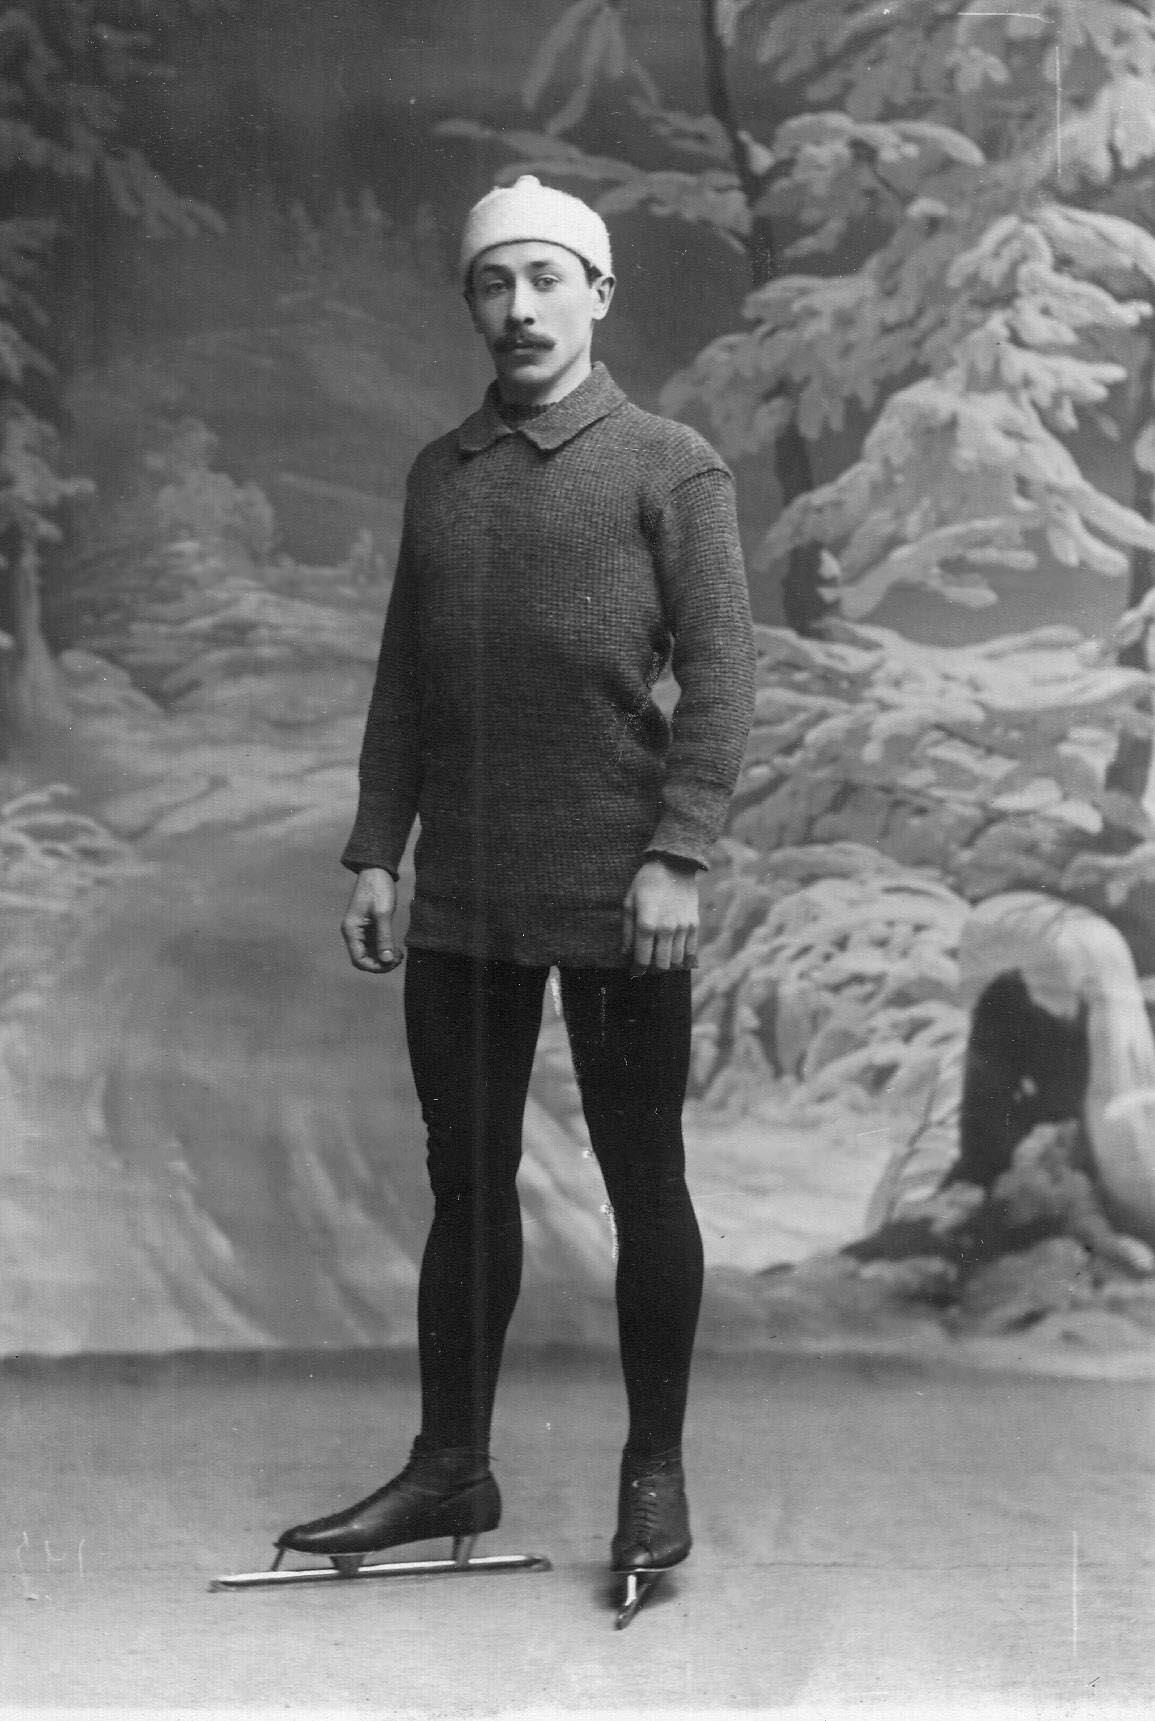 Спортсмен на беговых коньках. 1911